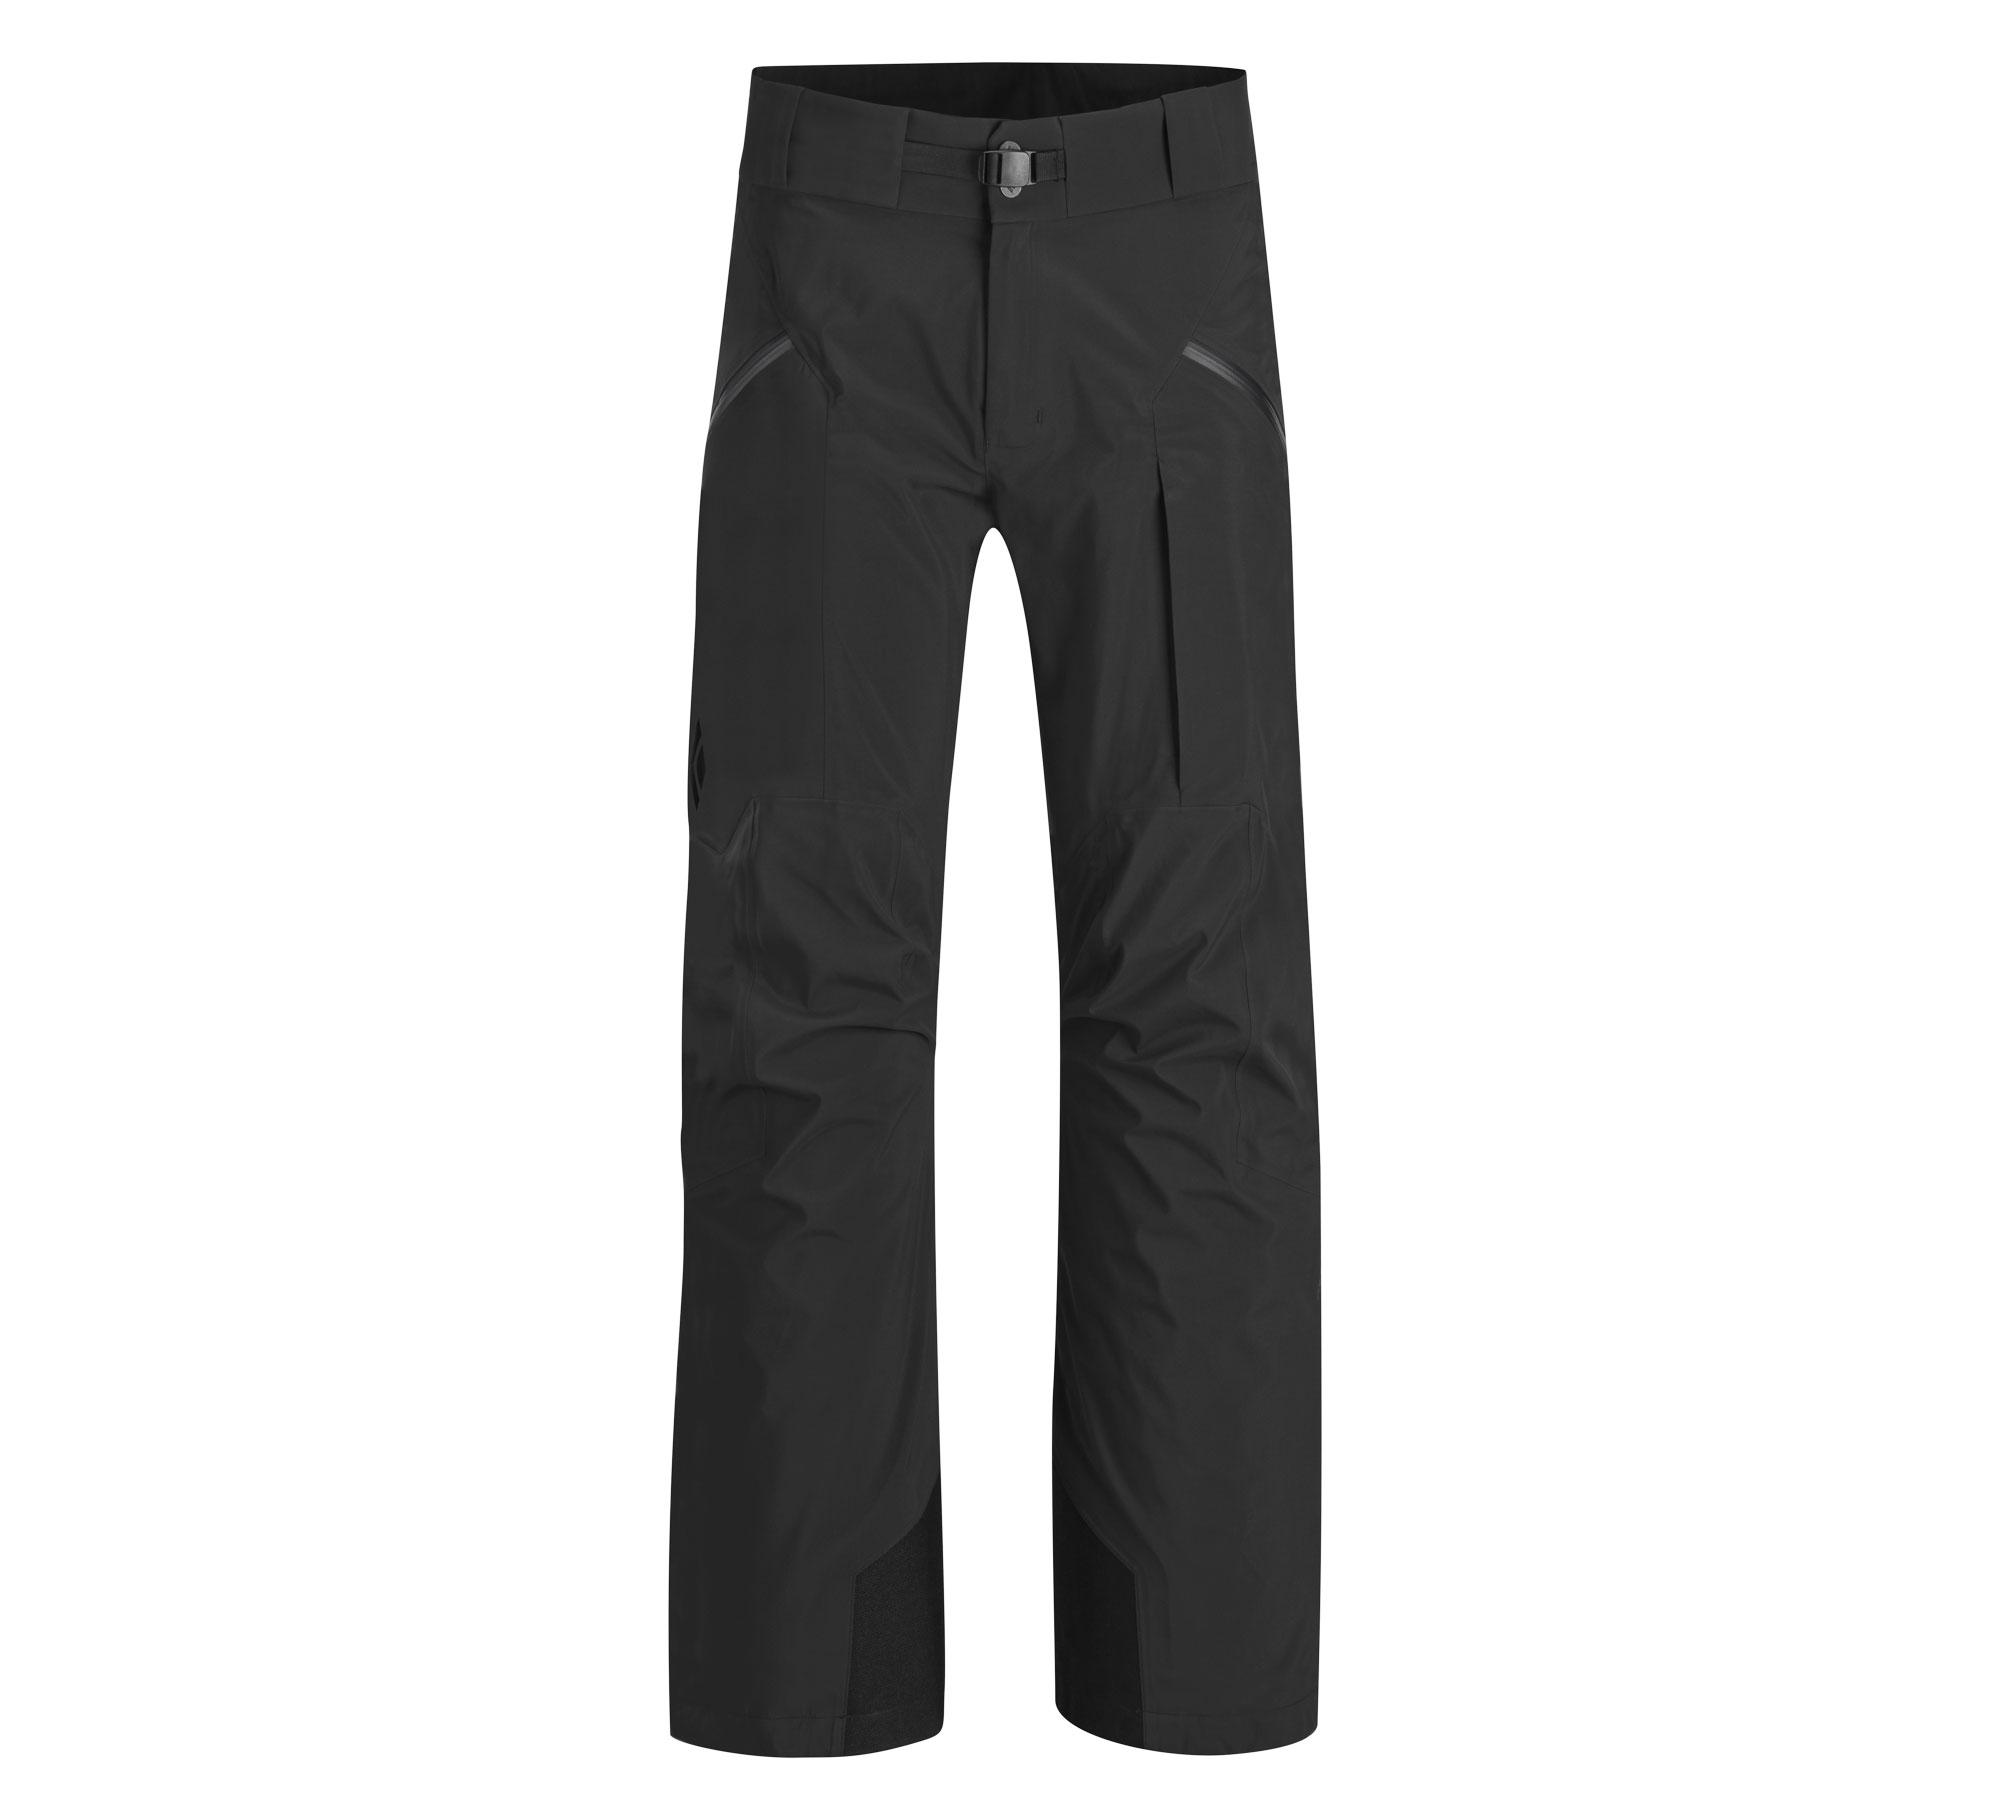 Black Diamond - Mission Pants - Ski pants - Men's